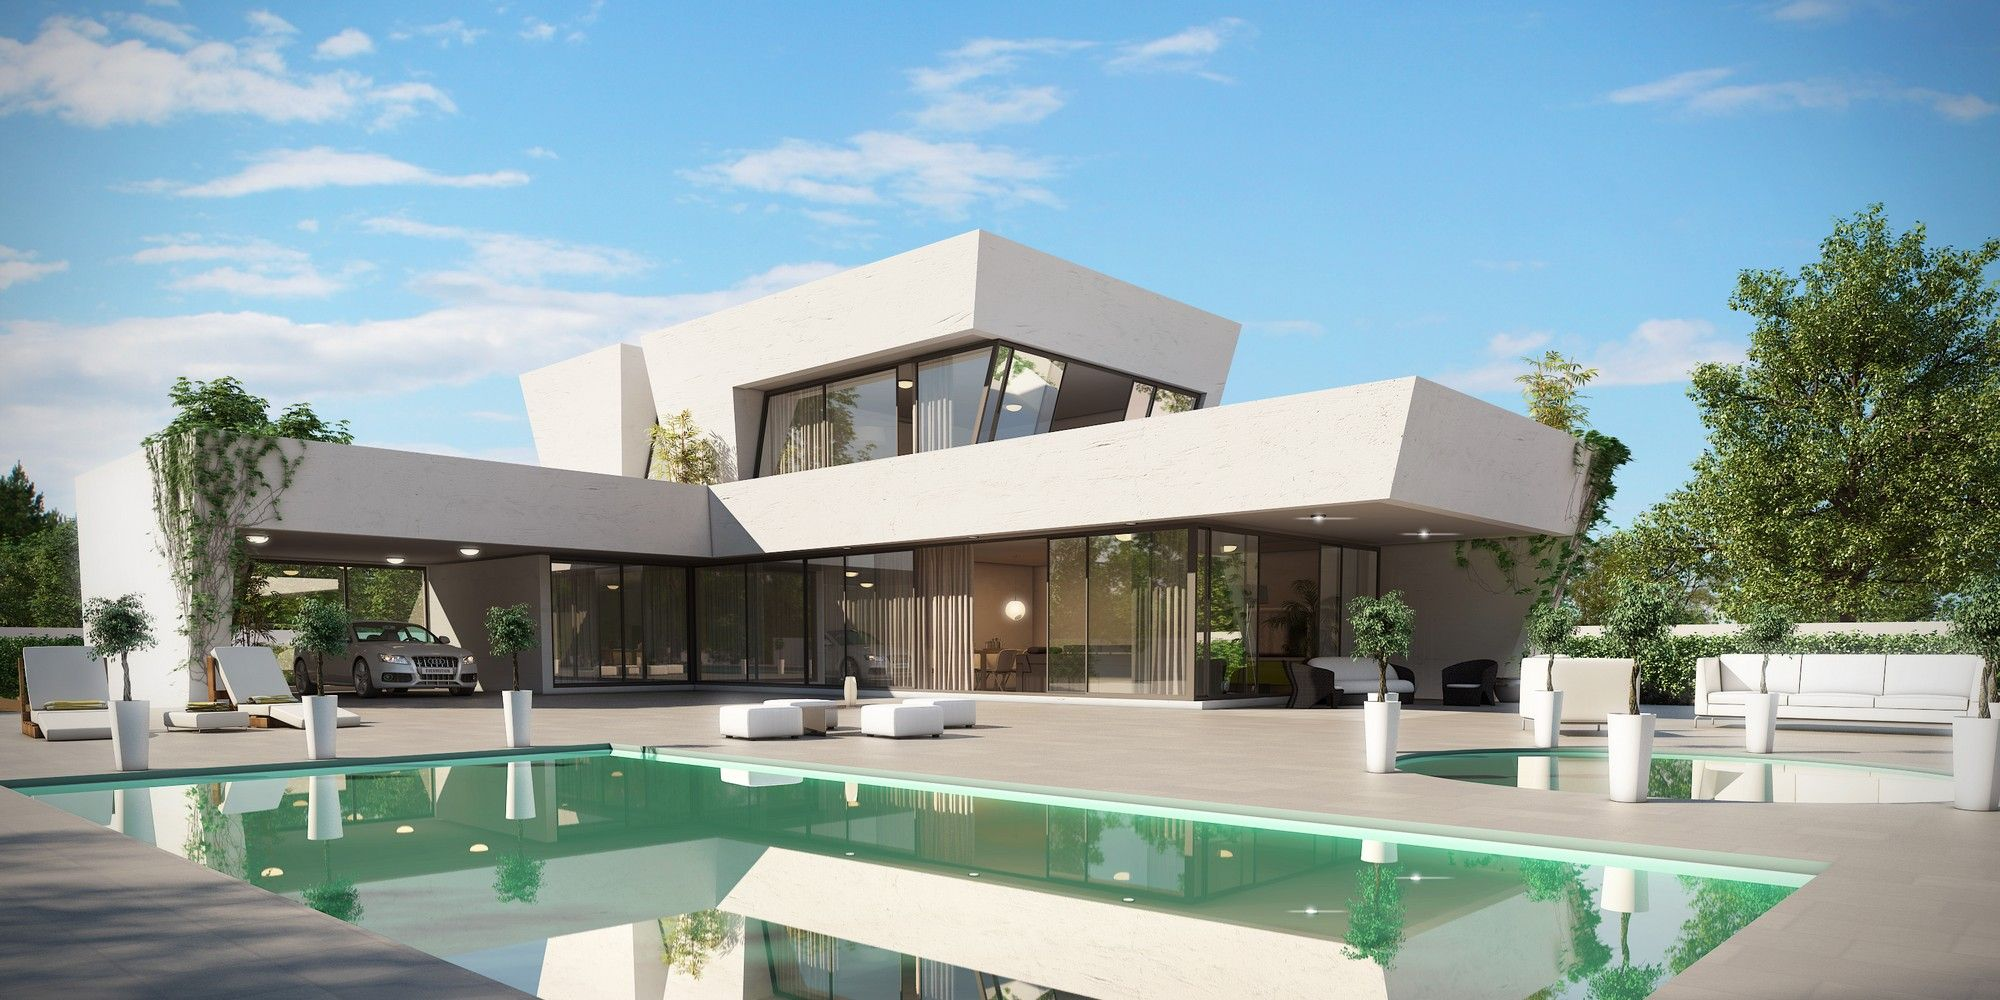 Dise o ideal para parcelas estrechas casas modernas - Diseno casas modernas ...